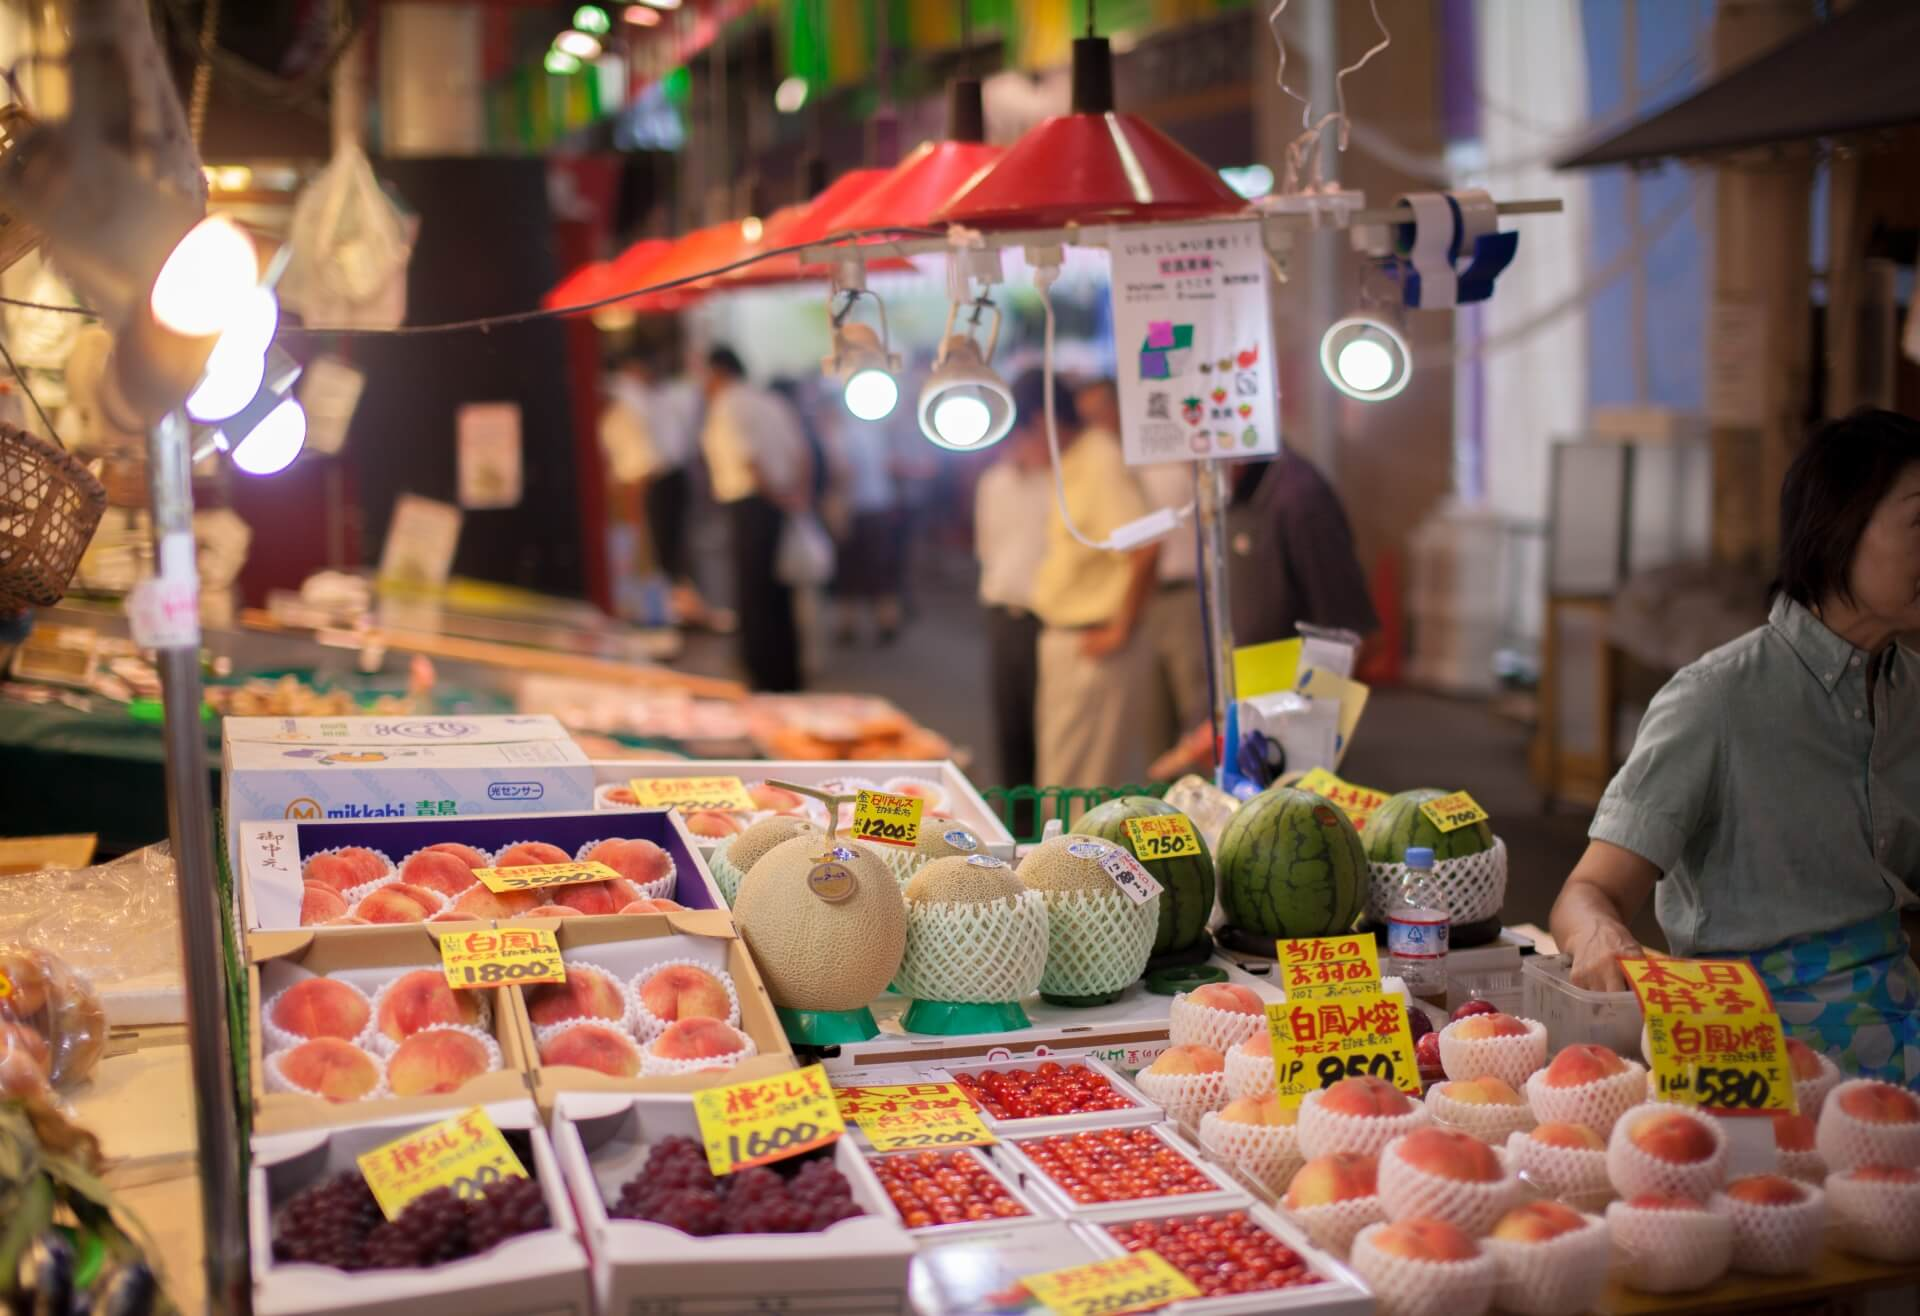 朝から満腹食べ歩き!近江町市場のオススメ朝食 7選+番外編